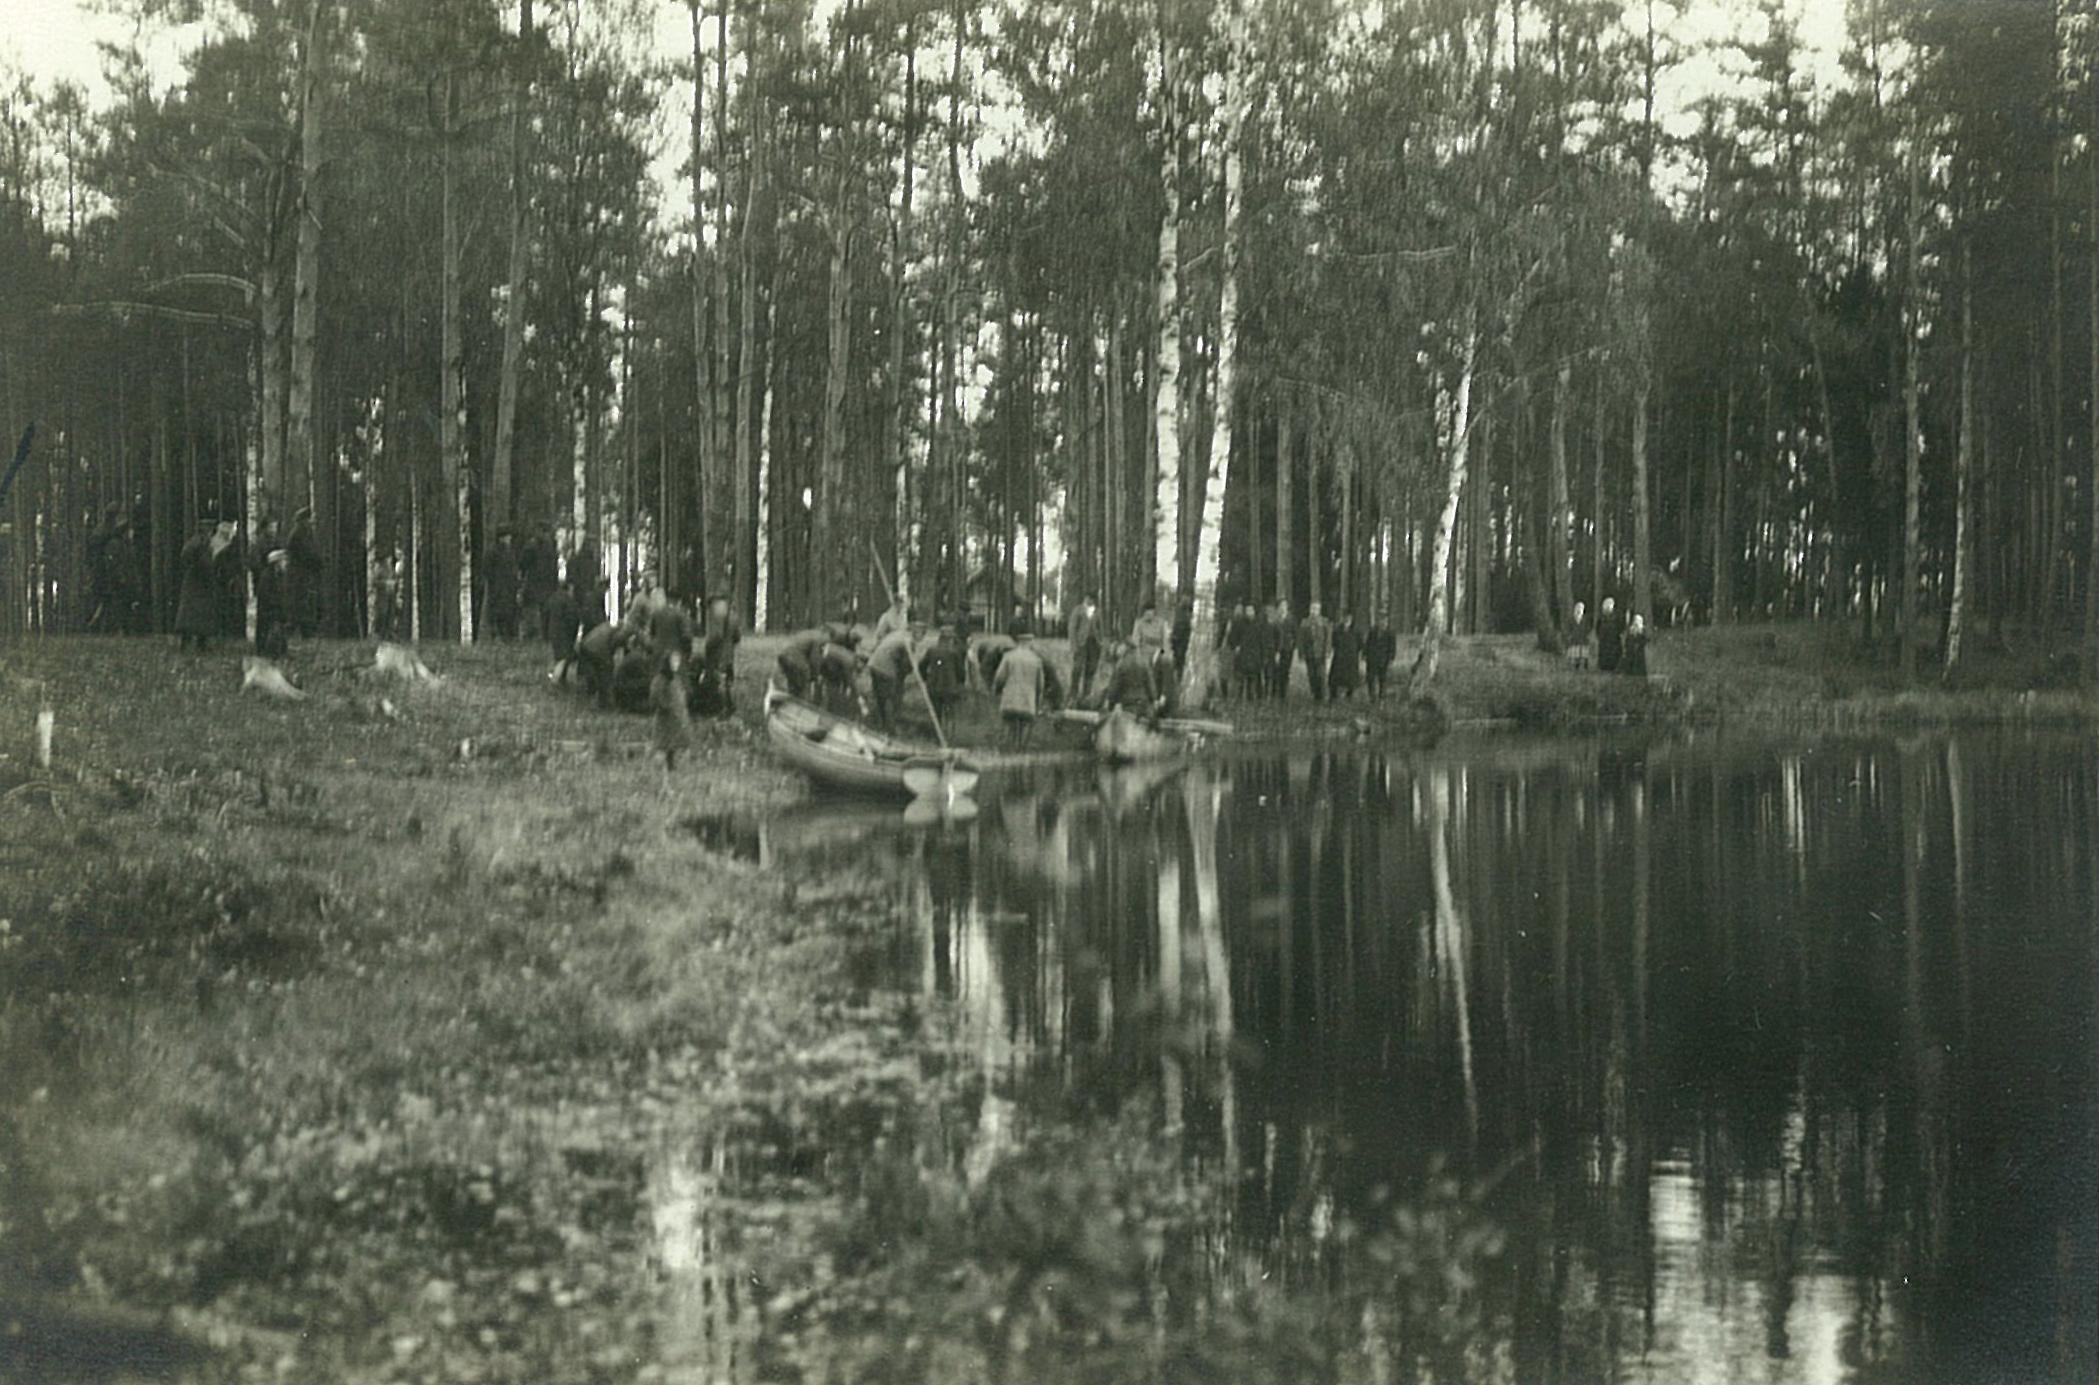 Рыбная ловля сетями на озере, сбор улова на берегу